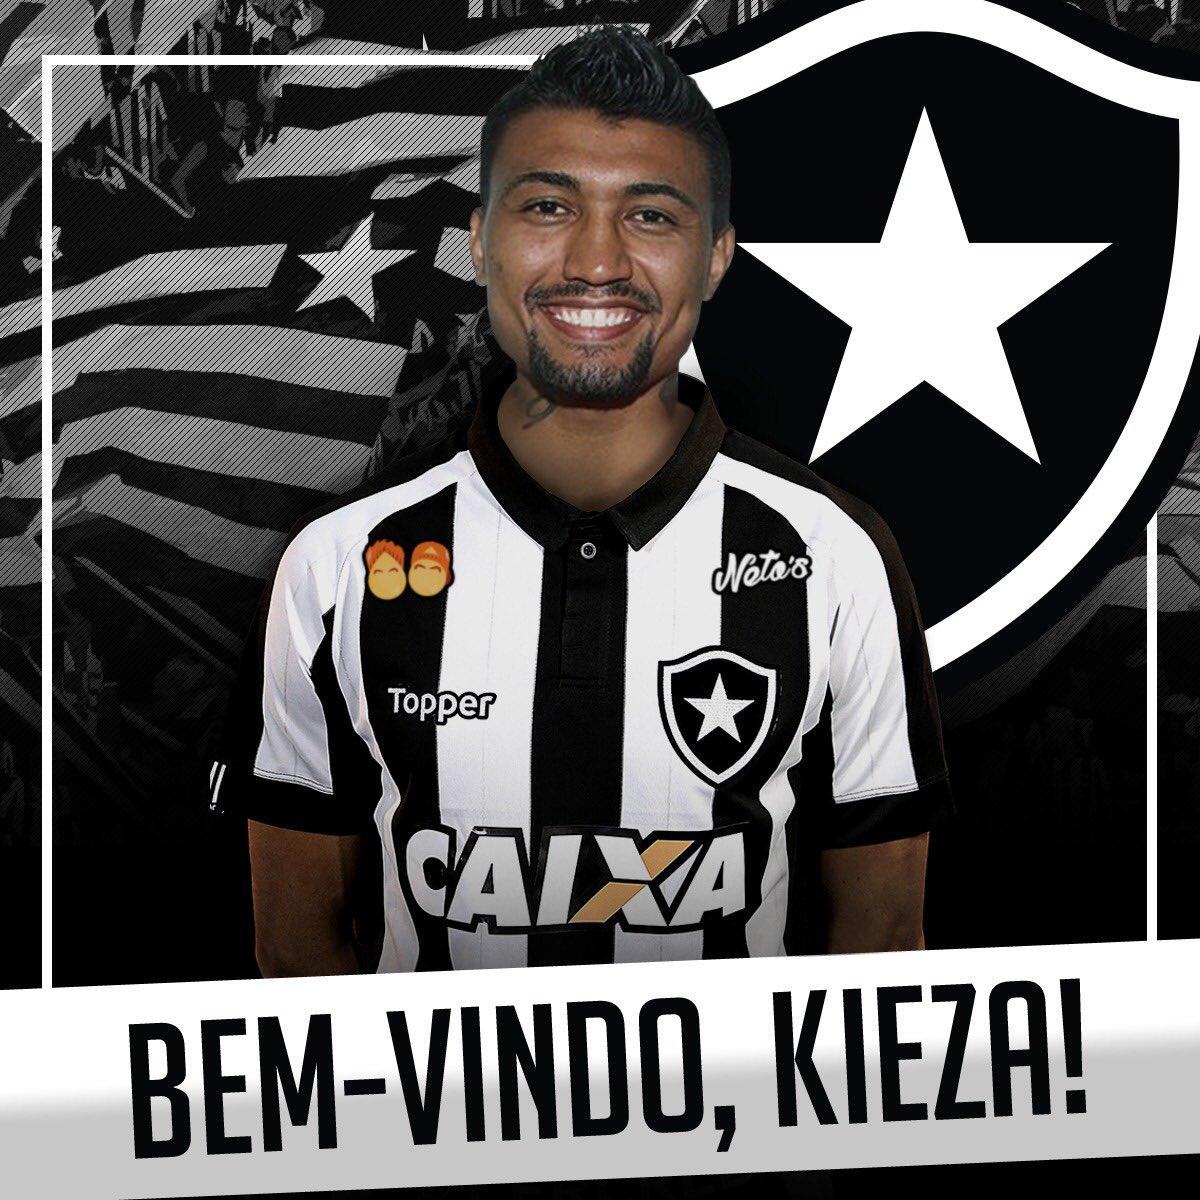 Kieza é jogador do Botafogo! Que seja uma parceria de sucesso e muitos gols! #VamosFOGO ⭐️  Arte: Gabriel Assis / BFR